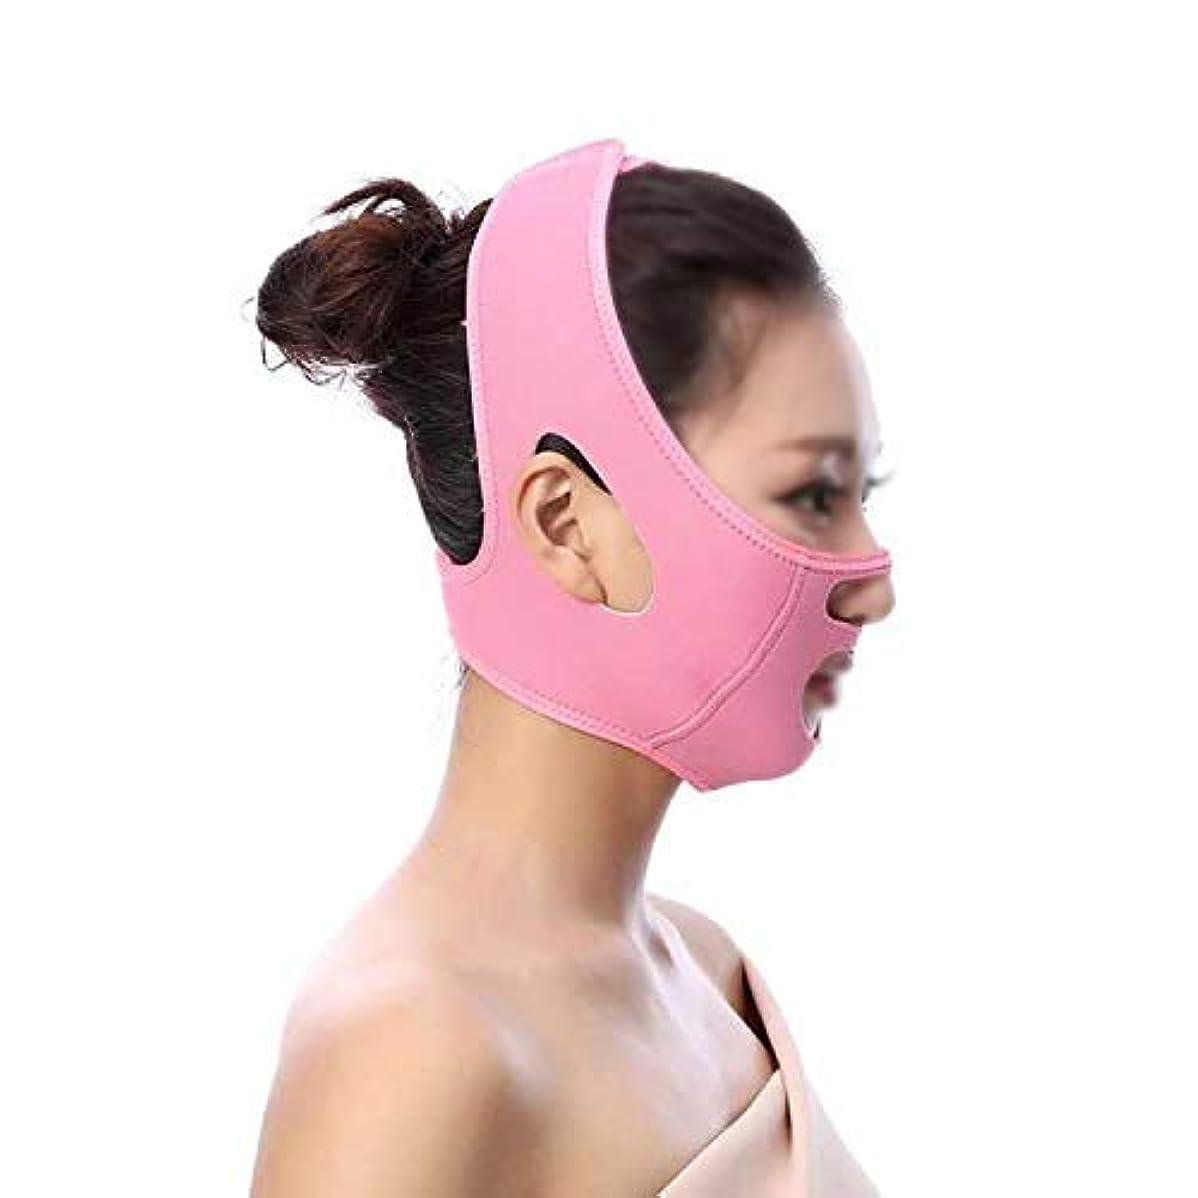 マージ周囲ワイヤー痩身ベルト、フェイスマスクvフェイスアーティファクトにあごを持ち上げるフェイスマスク睡眠薄いVフェイス包帯薄いフェイスステッカー